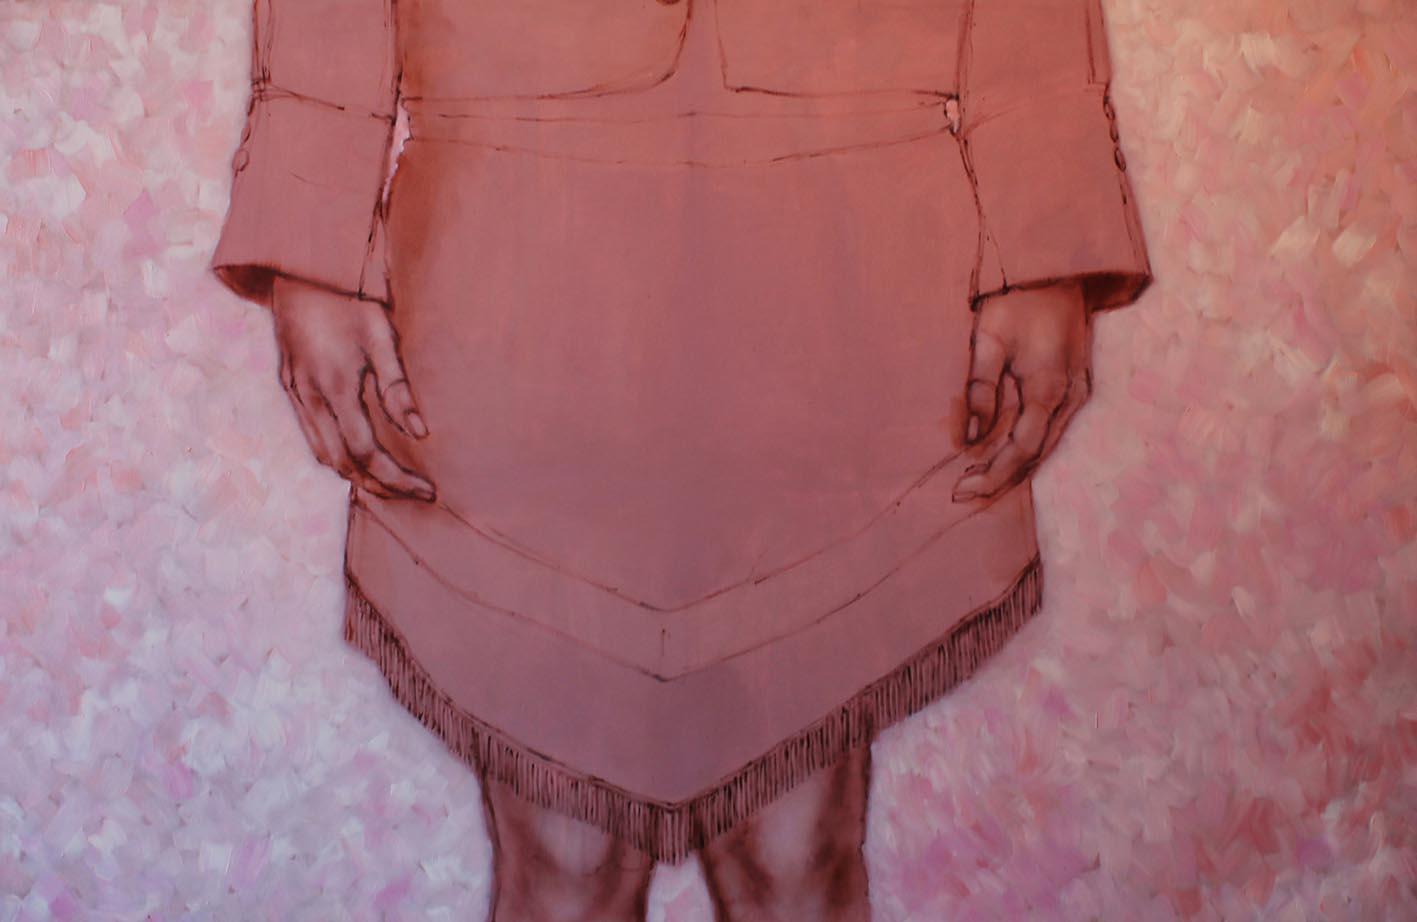 Senza titolo,  Acrilico e Olio su tela, 70x100cm, 2012